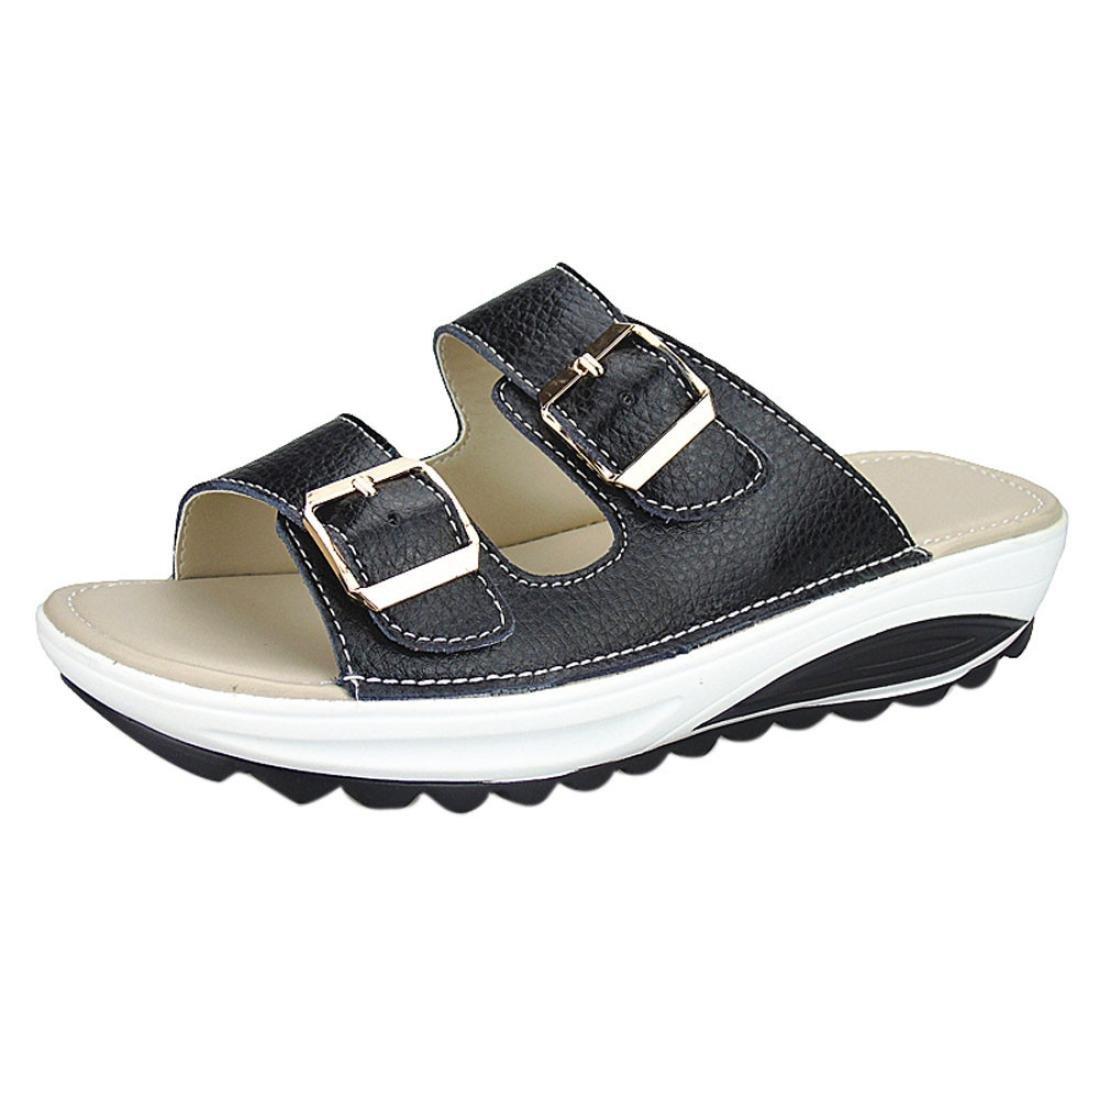 LUCKYCAT Sandales d Chaussures été Chaussures Femme, 2018 Prime Day Amazon Chaussures de Été Sandales à Talons Chaussures Plates Fond Mou Fond épais Pantoufles Vif Chaussures de Plage 2018 Noir 6e61de4 - boatplans.space